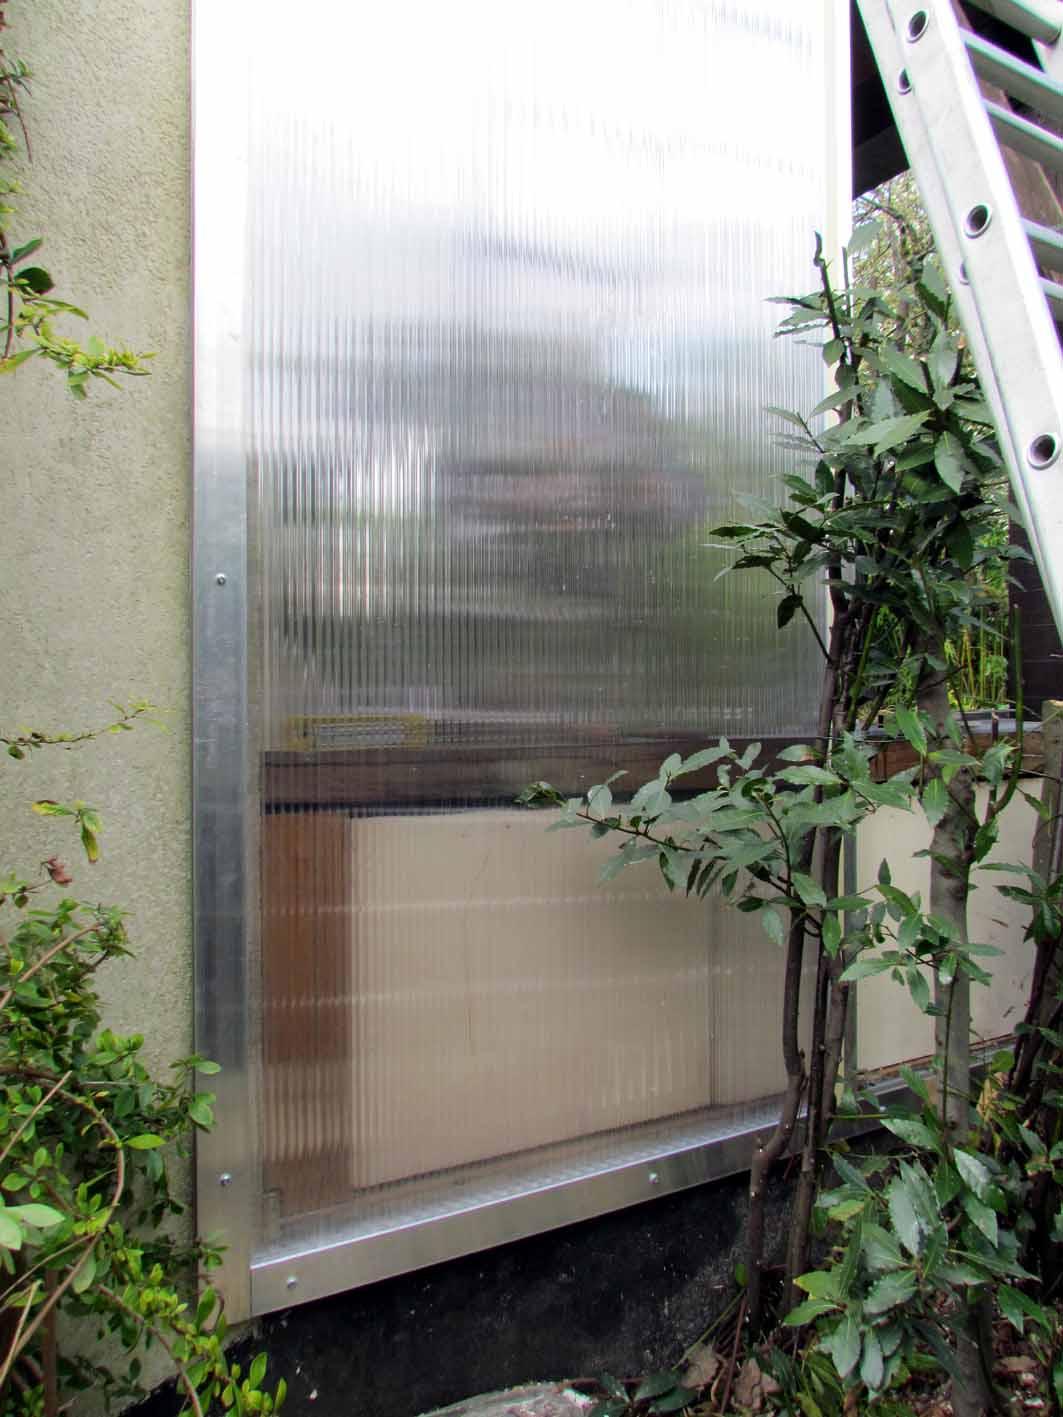 Fermeture D'Un Côté De Terrasse Couverte | Au Jardin De Mo ... encequiconcerne Fermer Un Cote De Terrasse